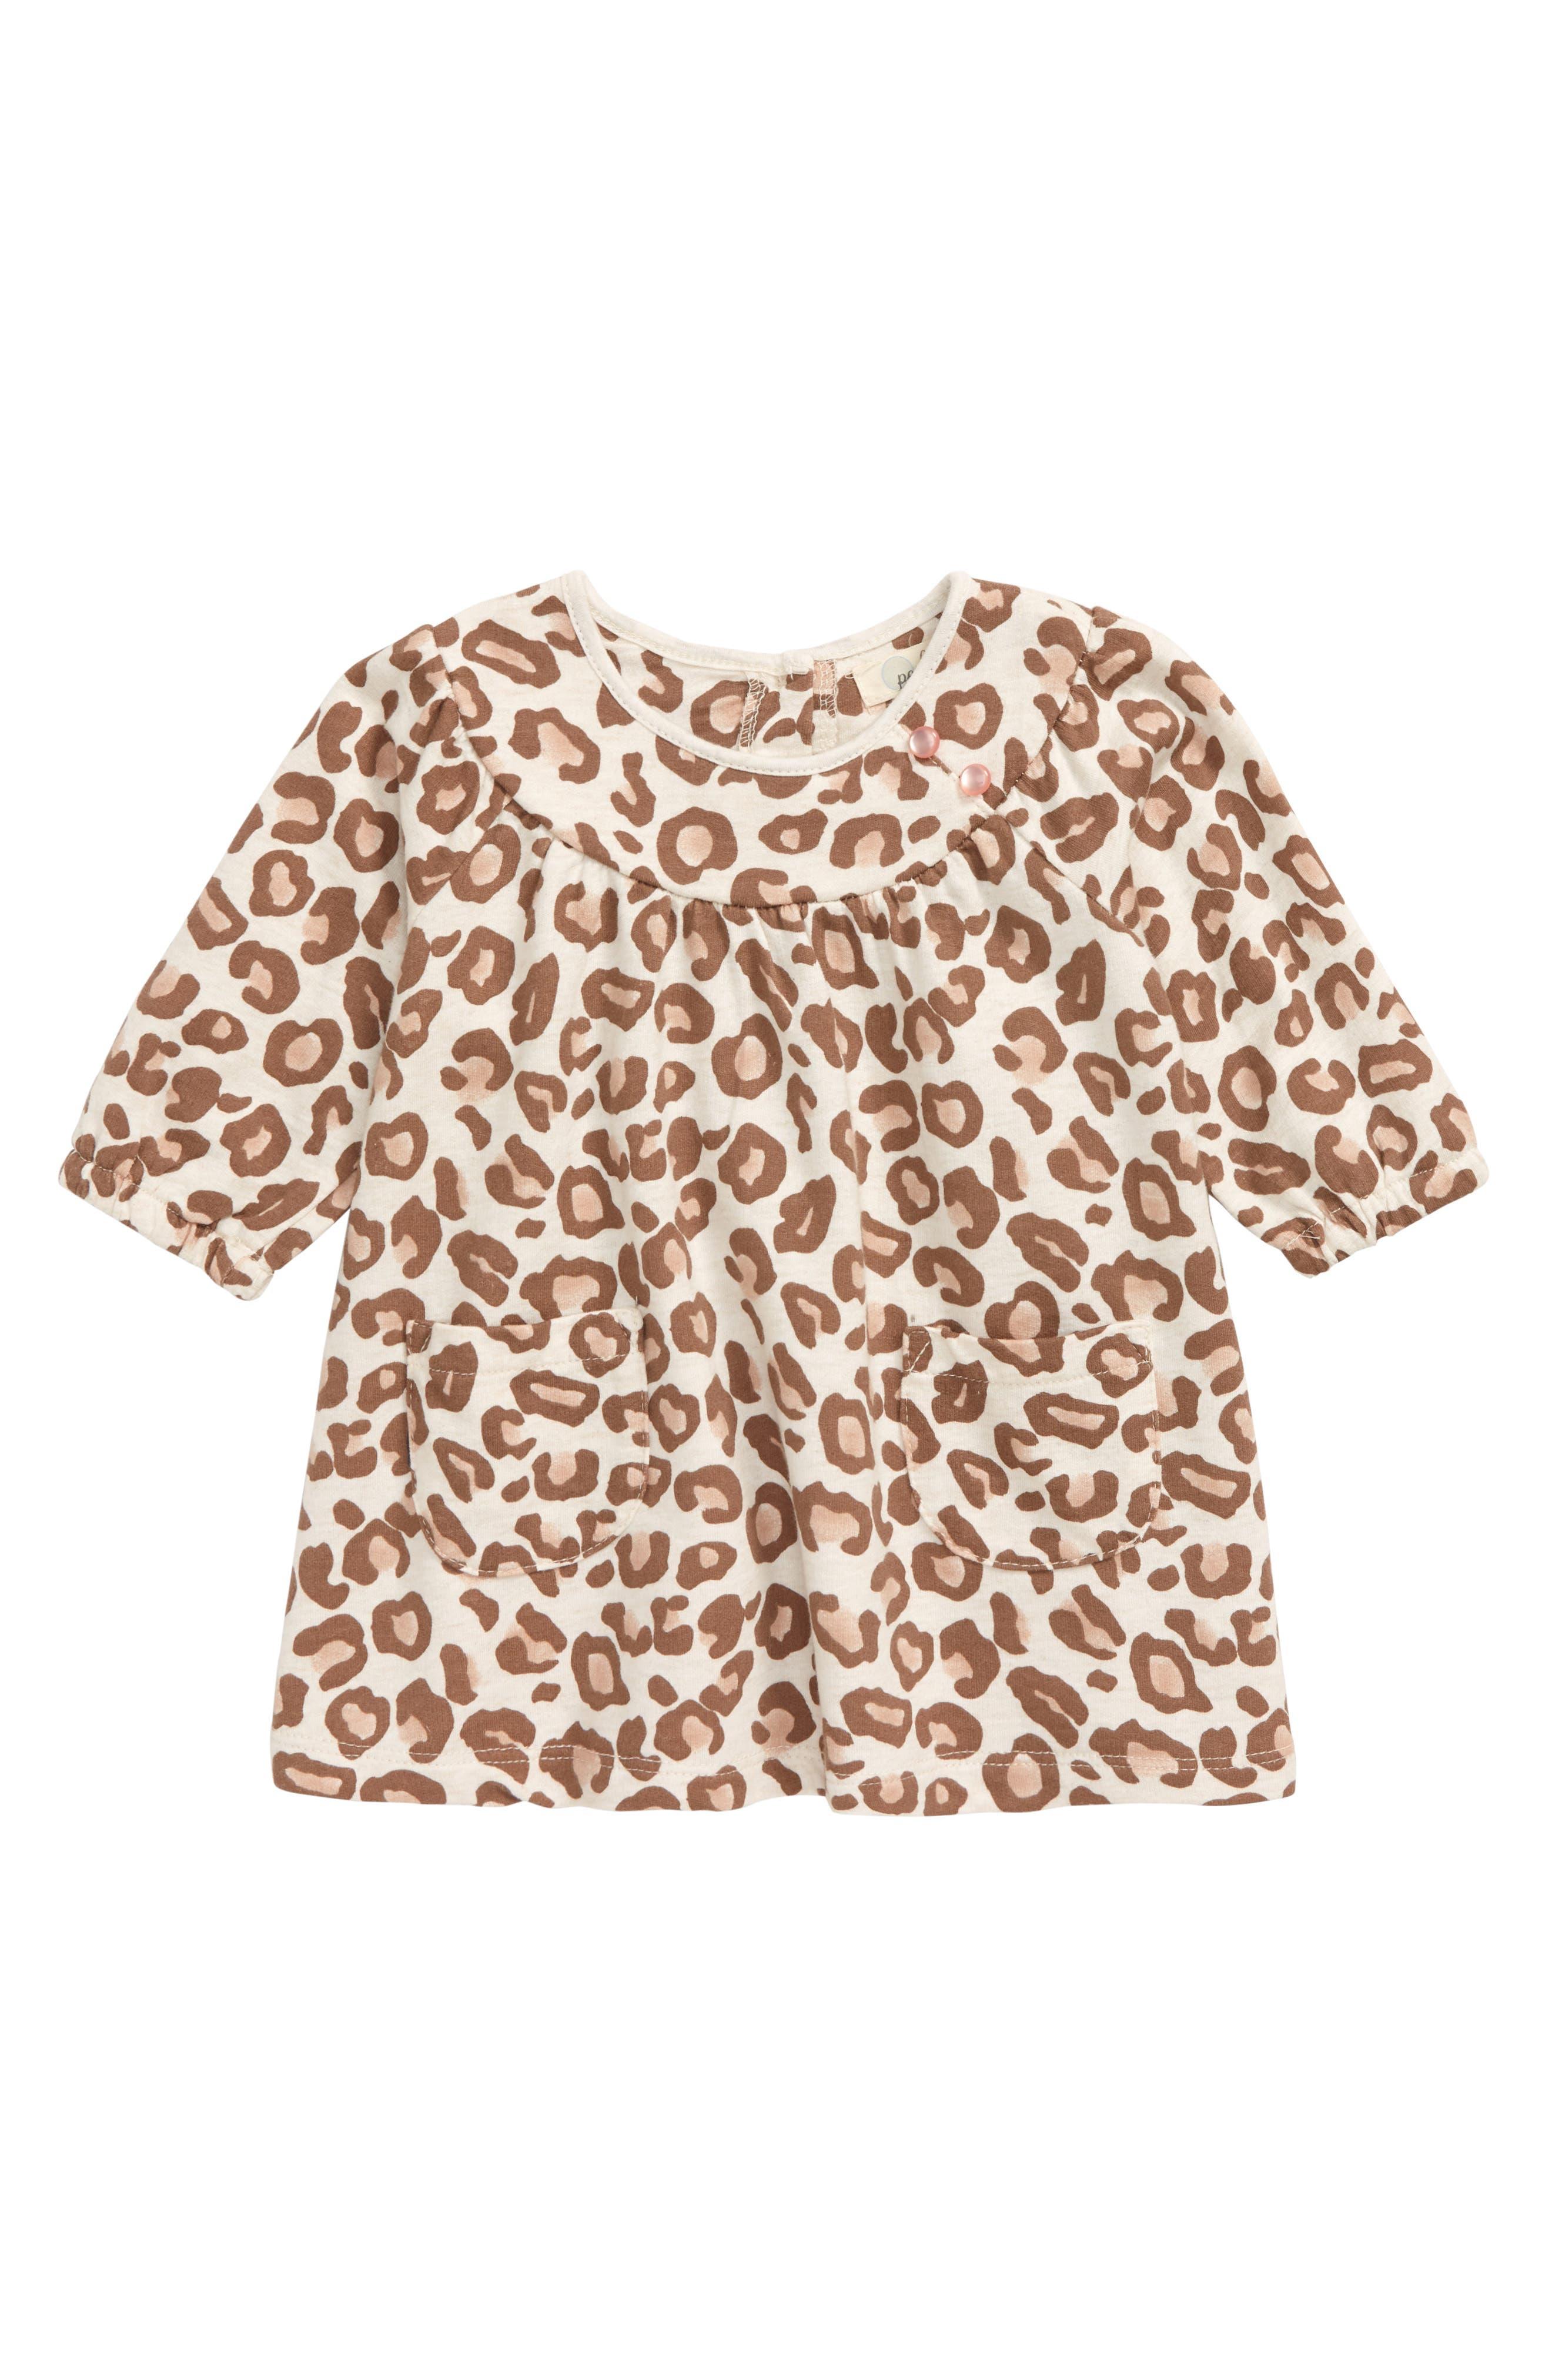 Image of PEEK ESSENTIALS Leopard Print Dress